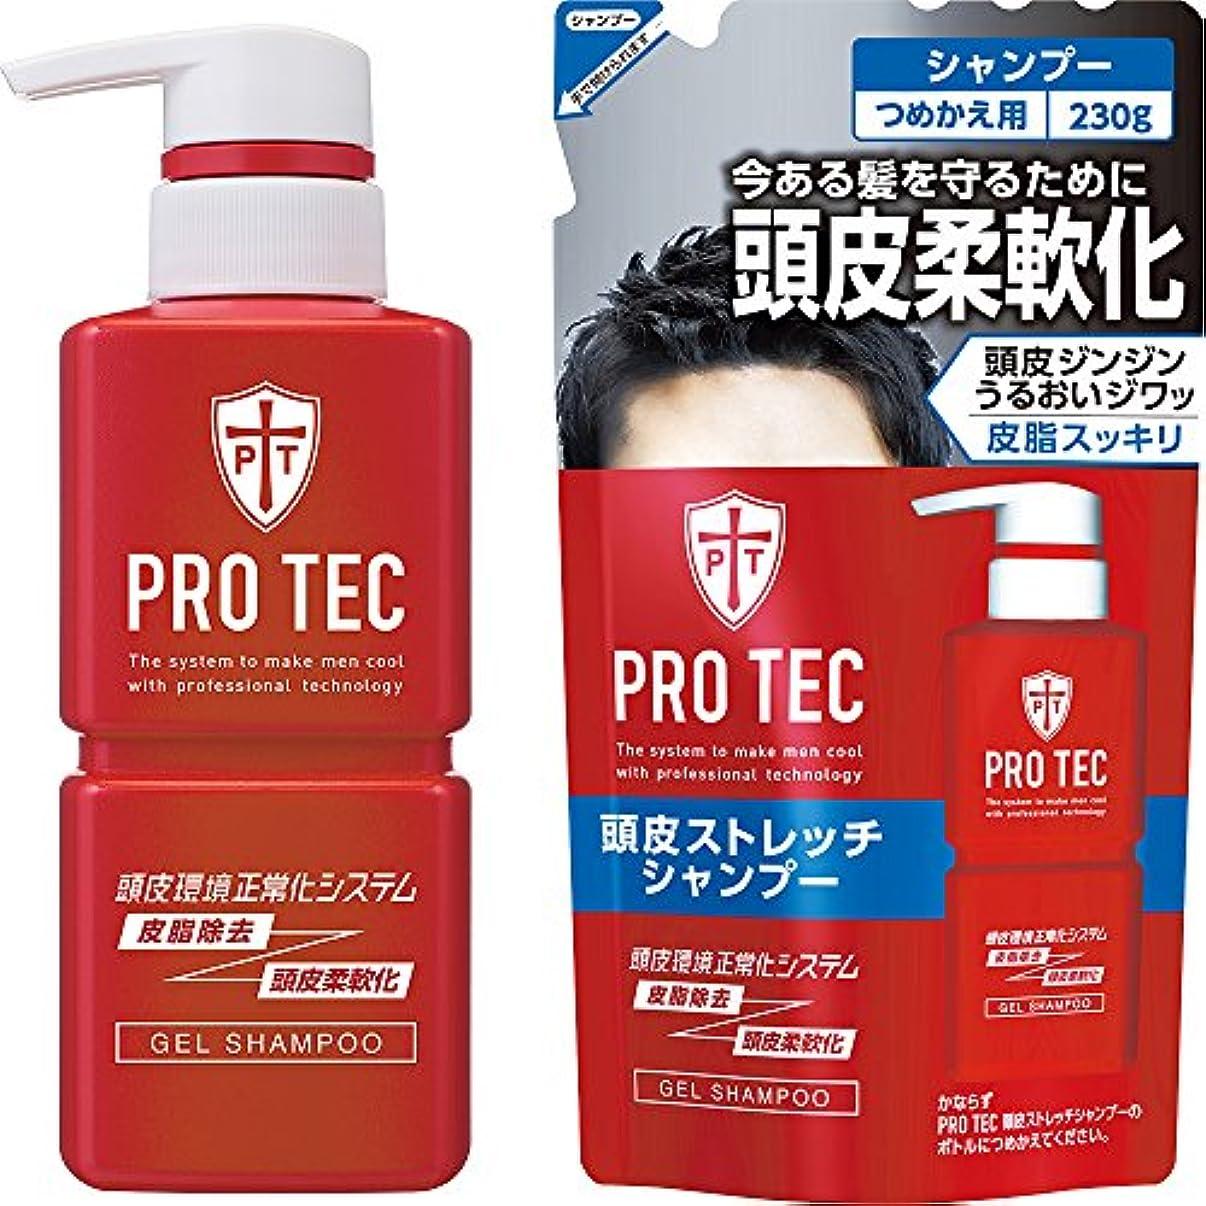 トーストまあ精度PRO TEC(プロテク) 頭皮ストレッチシャンプー 本体ポンプ300g+詰め替え230g セット(医薬部外品)